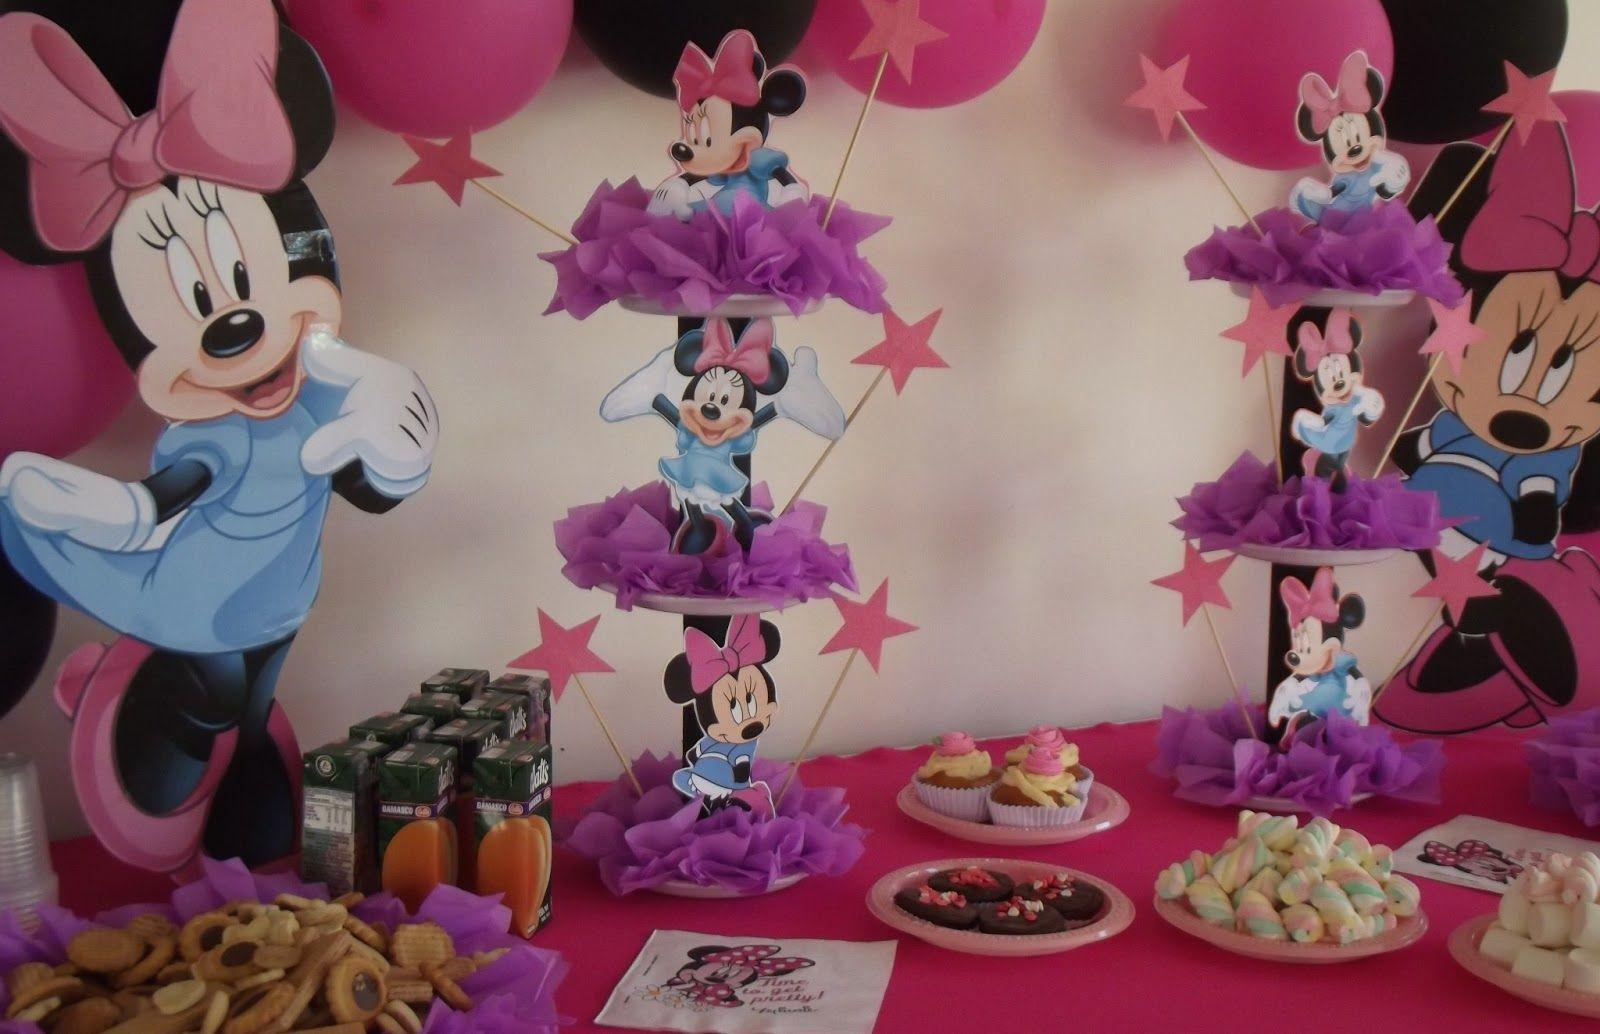 Decoraciones infantiles decoraciones para fiestas for Decoraciones para fiestas